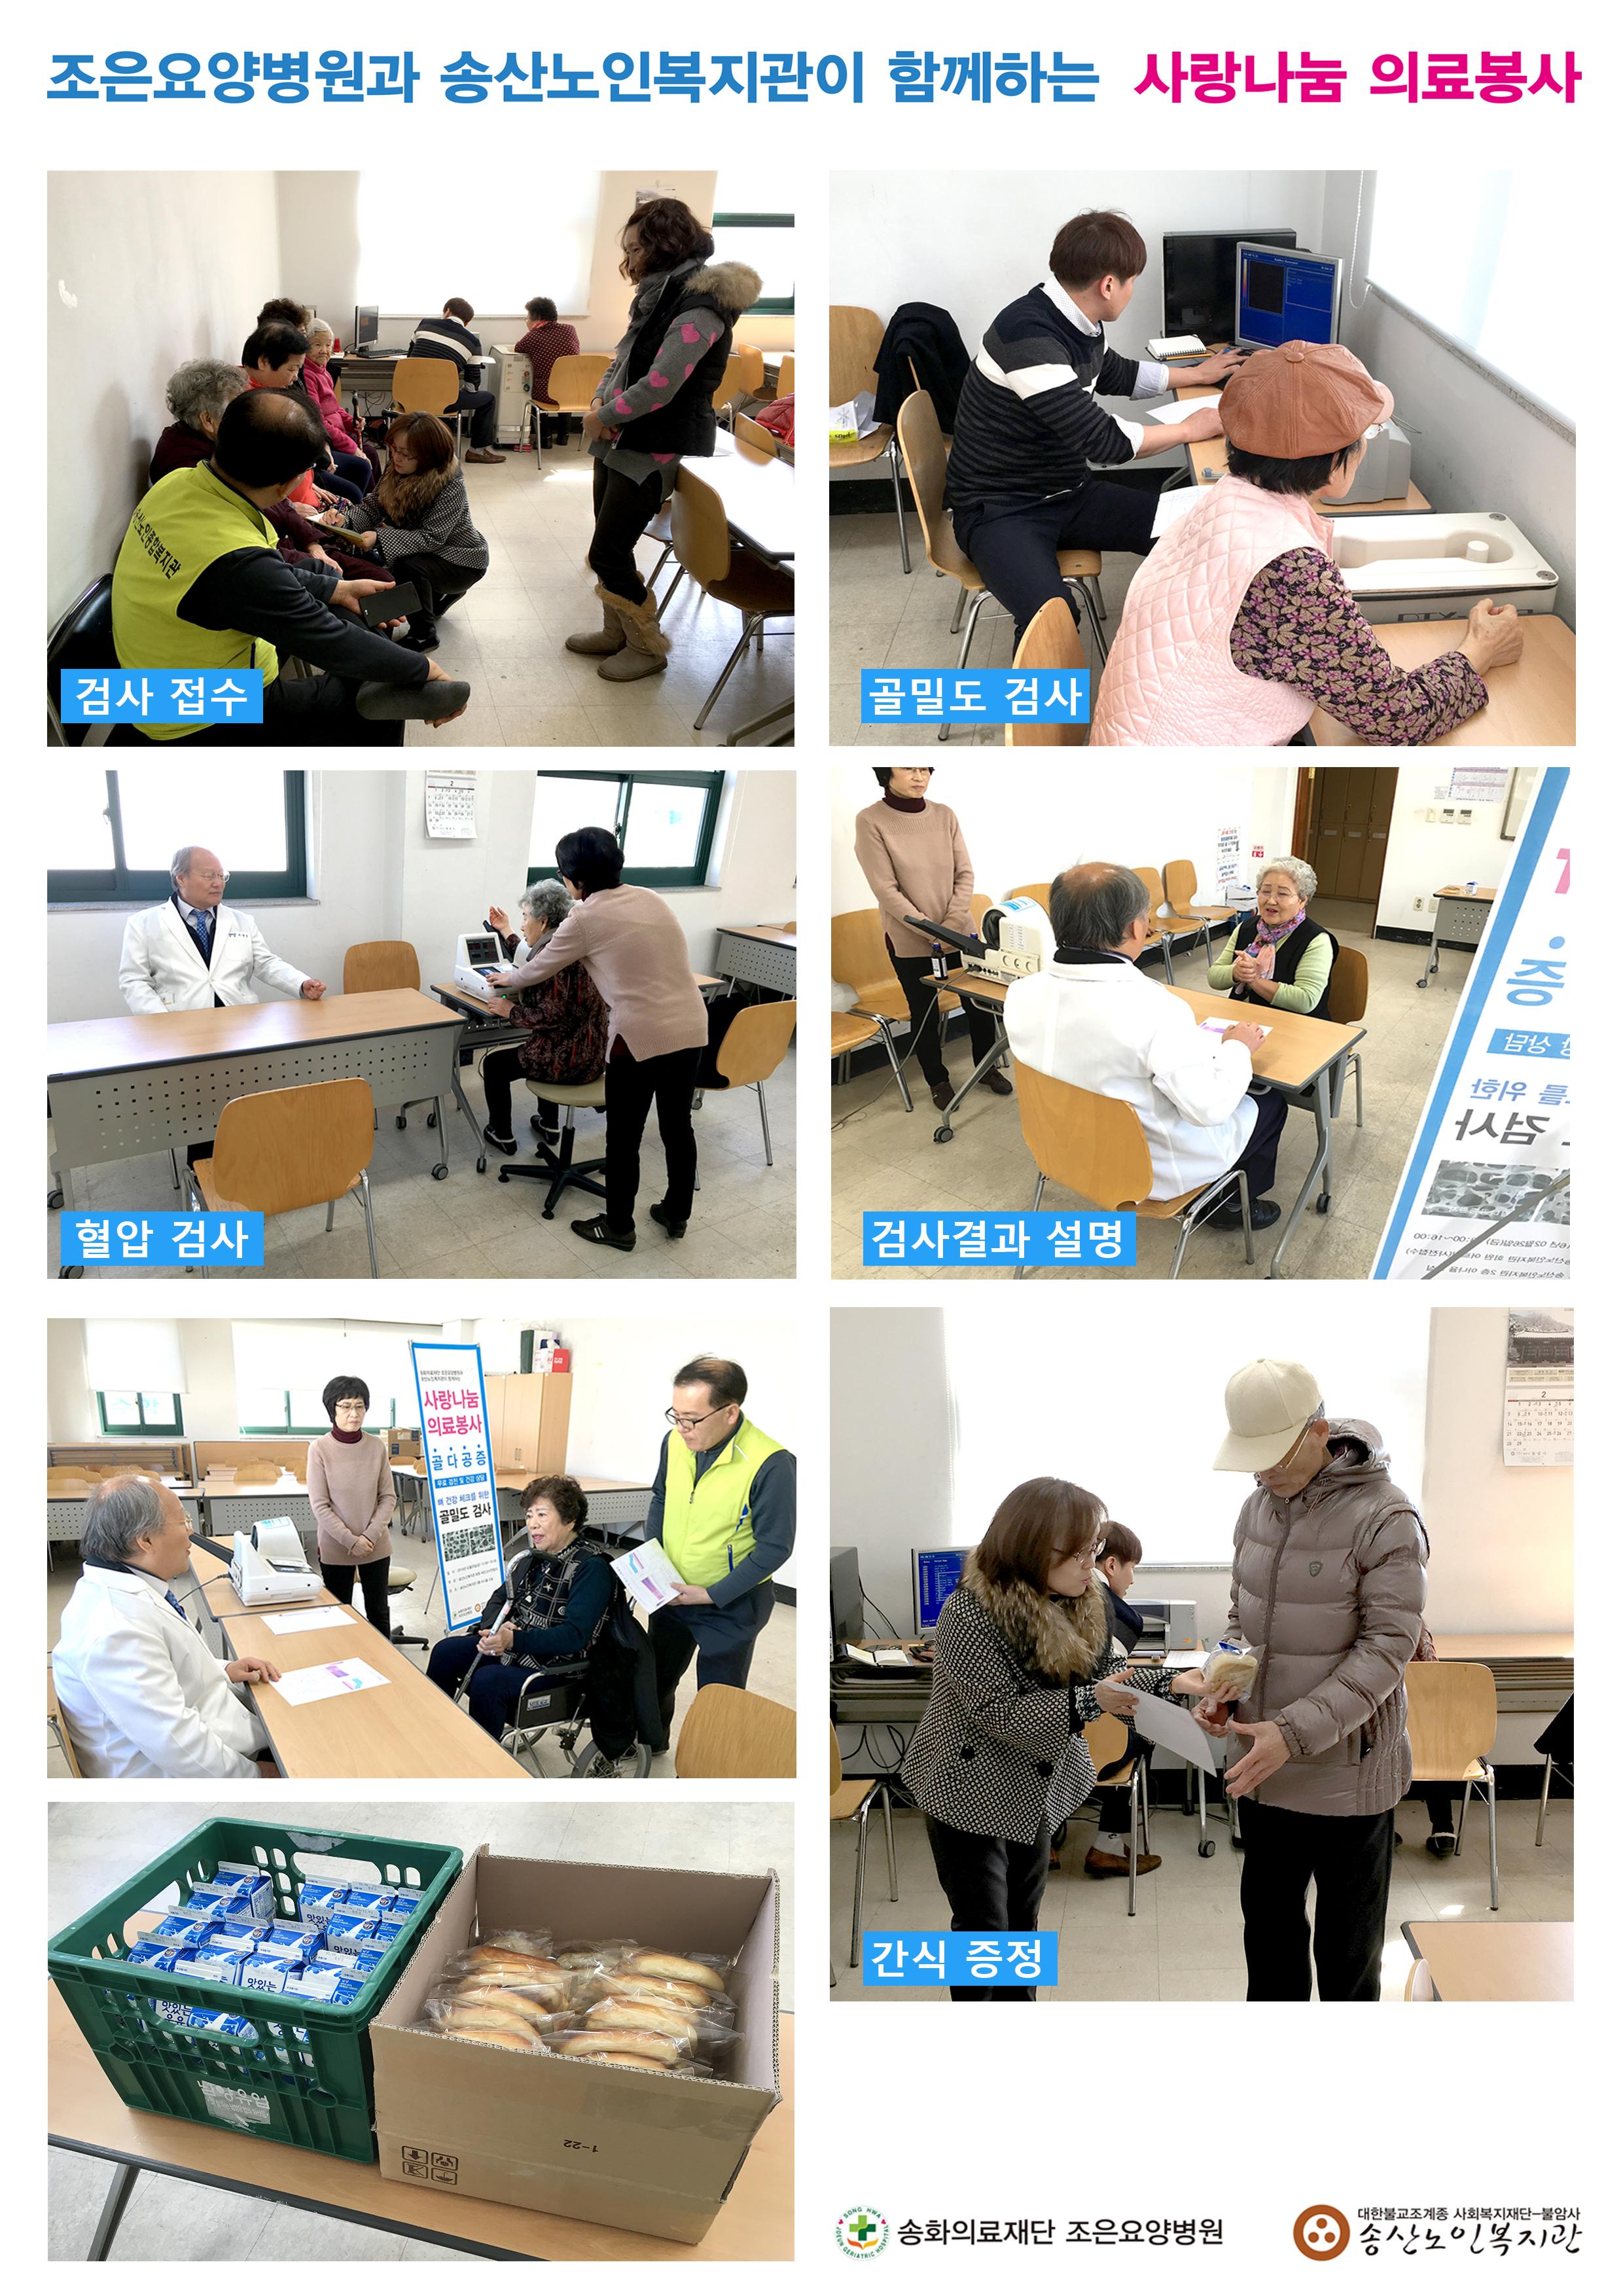 2016년 송산 노인종합복지관 어르신들을 대상으로 봉사활동을 진행하였습니다.